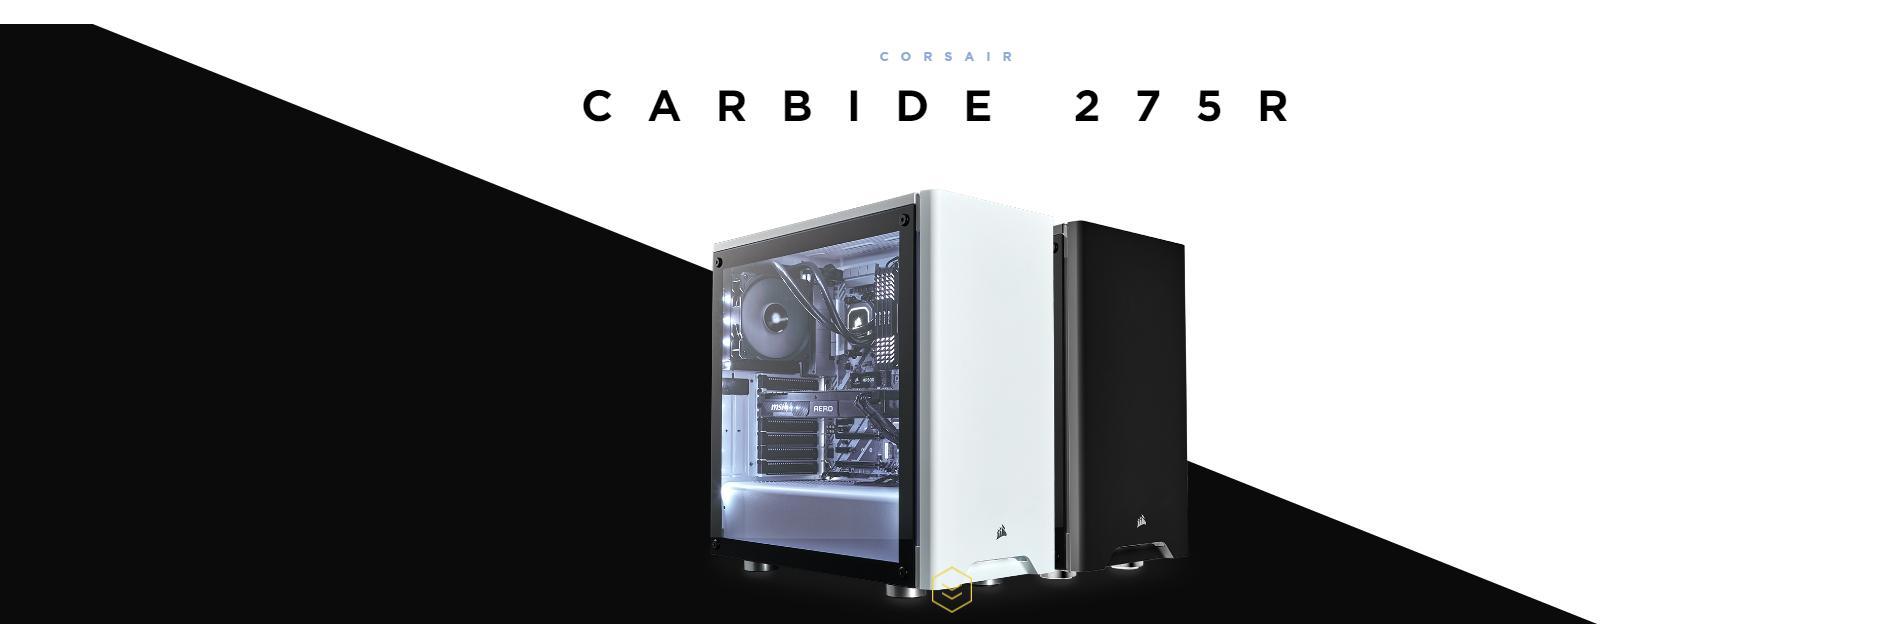 43252_corsair-carbide-series-275r-1.jpg (1894×624)